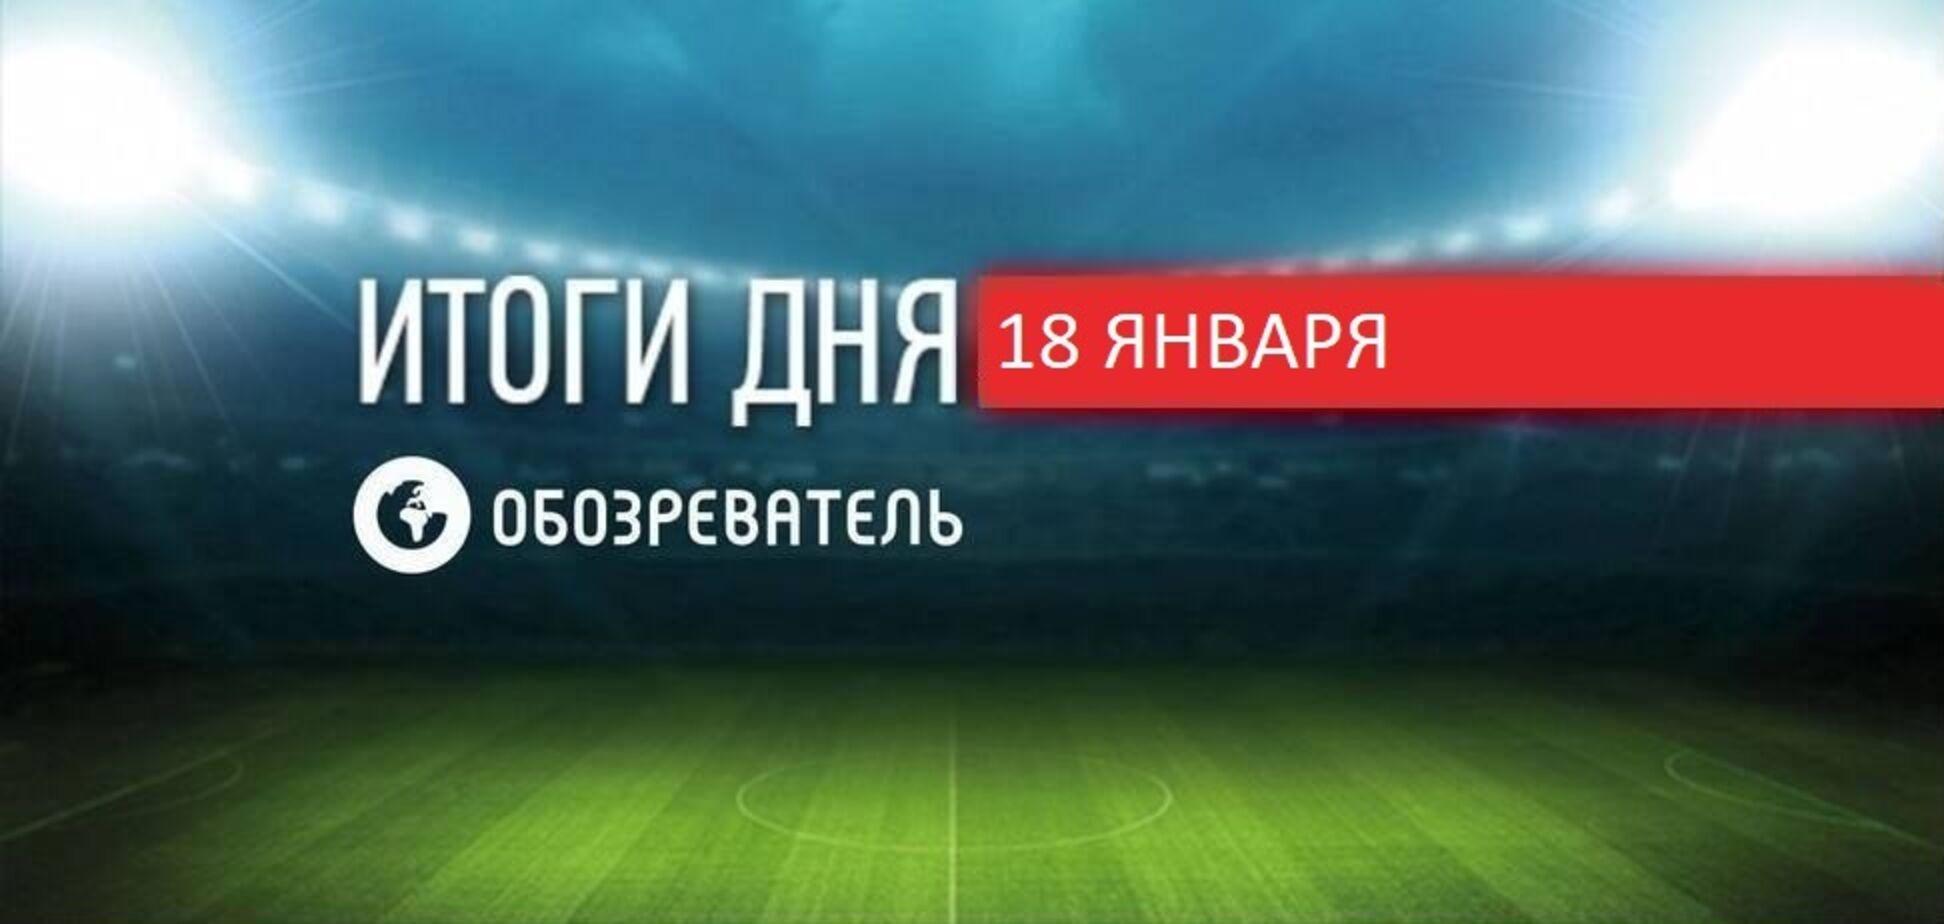 Ексдиректор 'Зорі' поїхав до Росії через українську мову: спортивні підсумки 18 січня